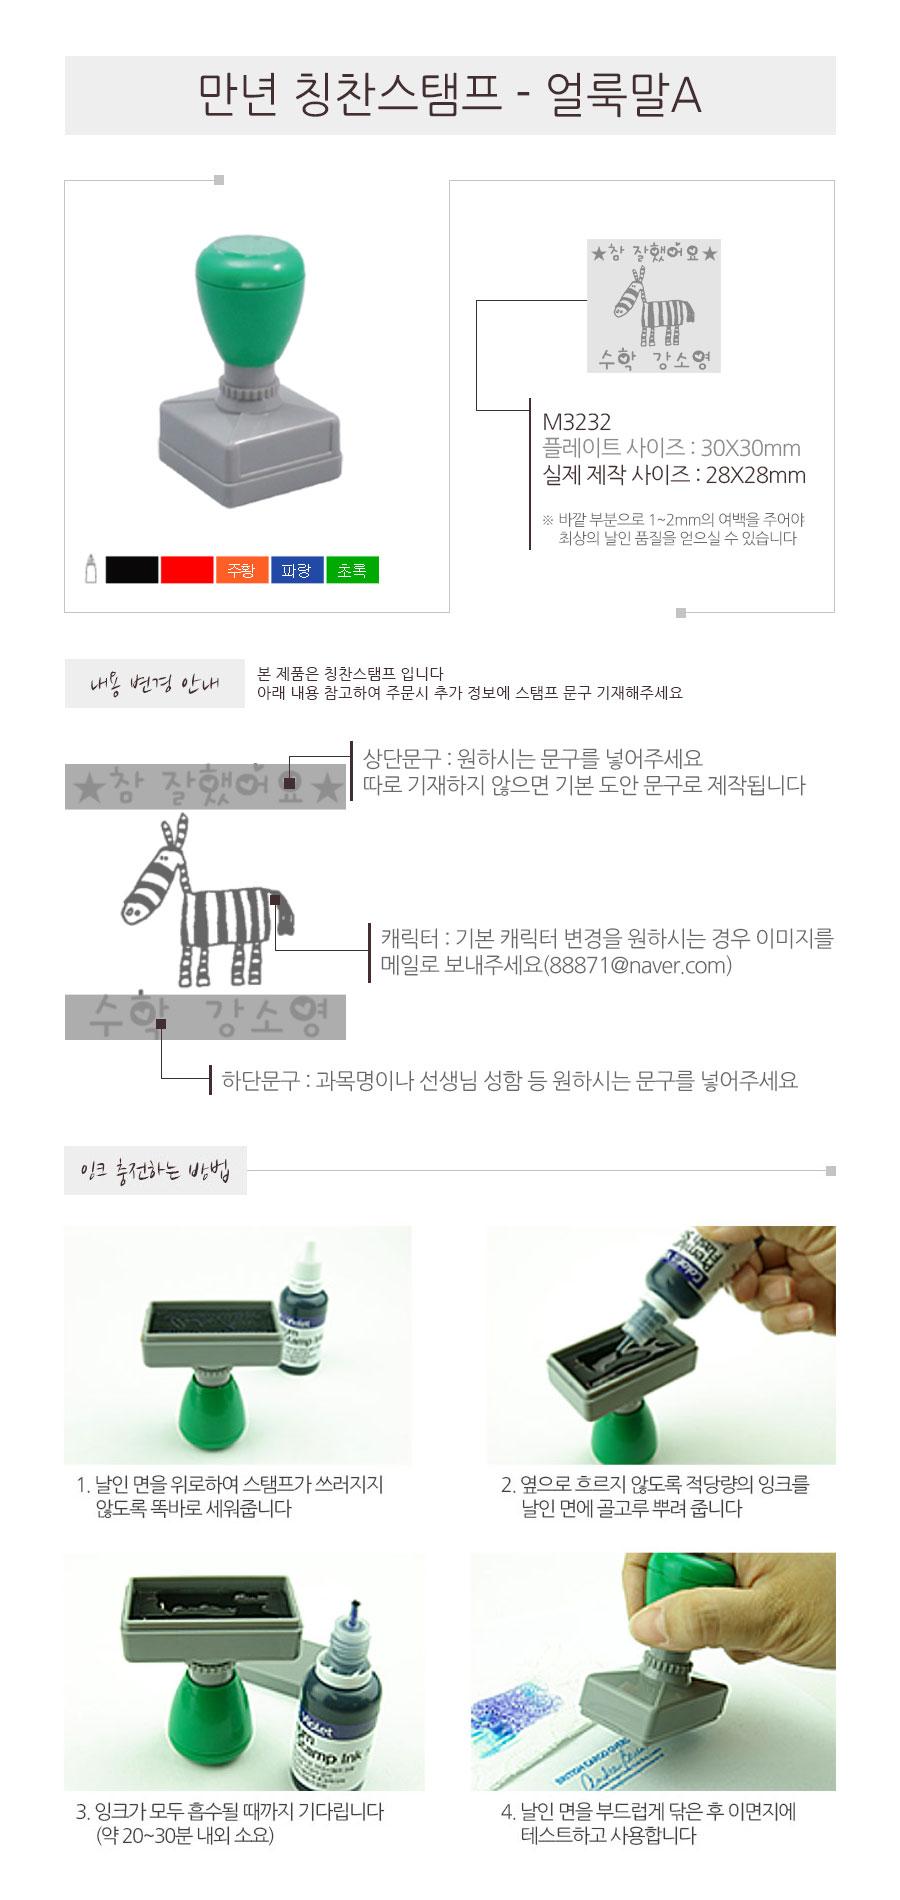 만년 칭찬도장 선생님스탬프 주문제작 얼룩말A - 고무인닷컴, 14,300원, 스탬프, 주문제작스탬프